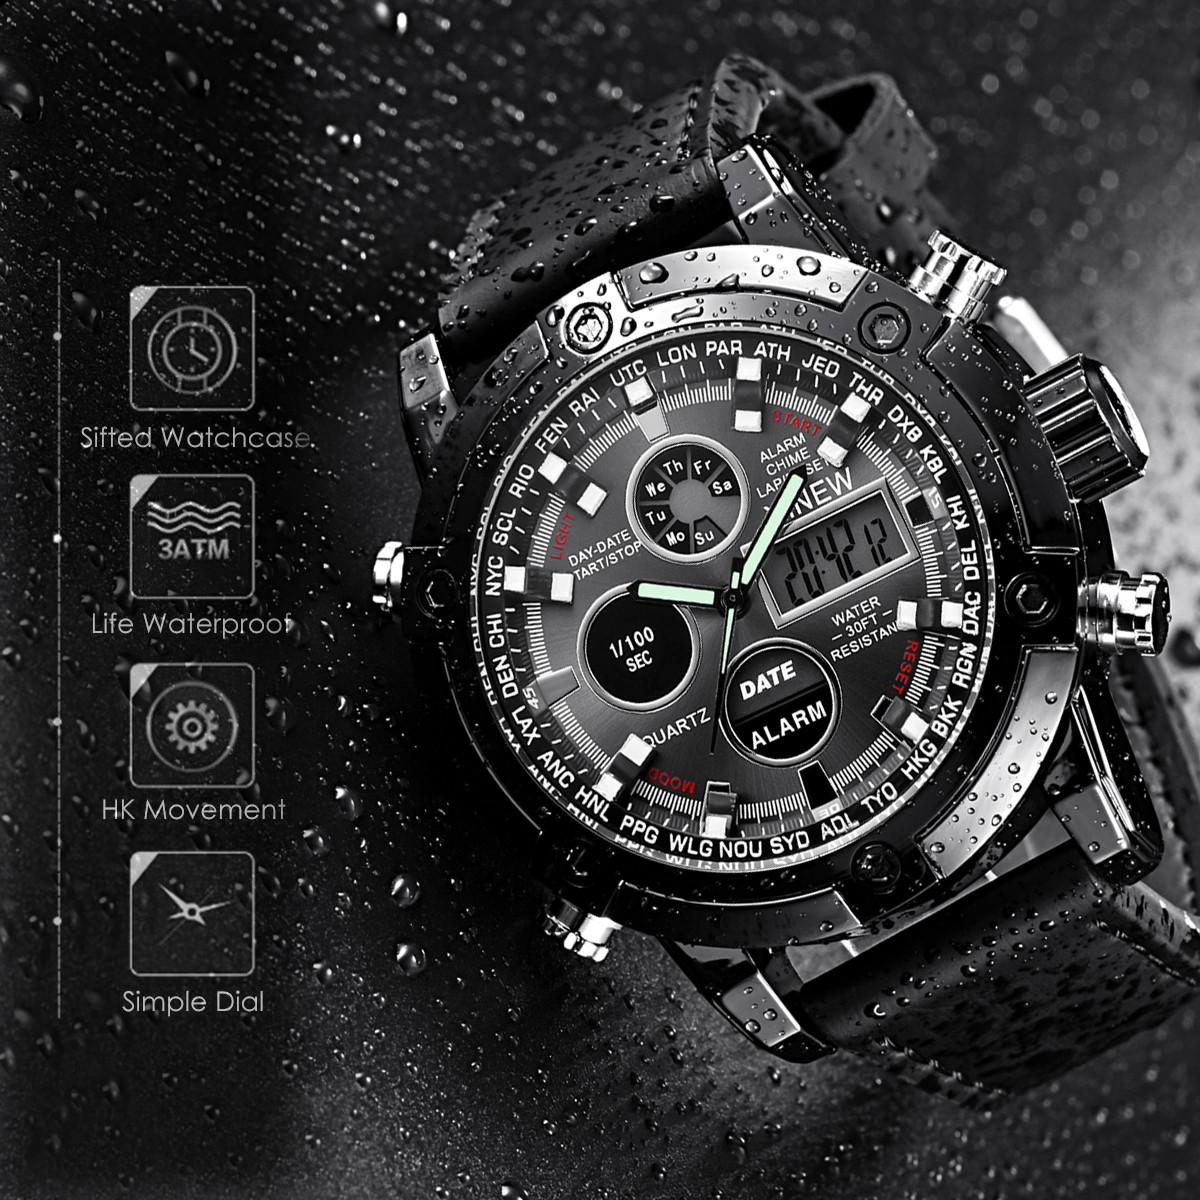 新品★日本未入荷★XINEWデジタル&アナログ腕時計 多機能 ストップウォッチ LED カレンダー ディーゼル G-SHOCK オメガ ファンに人気 黒_画像3